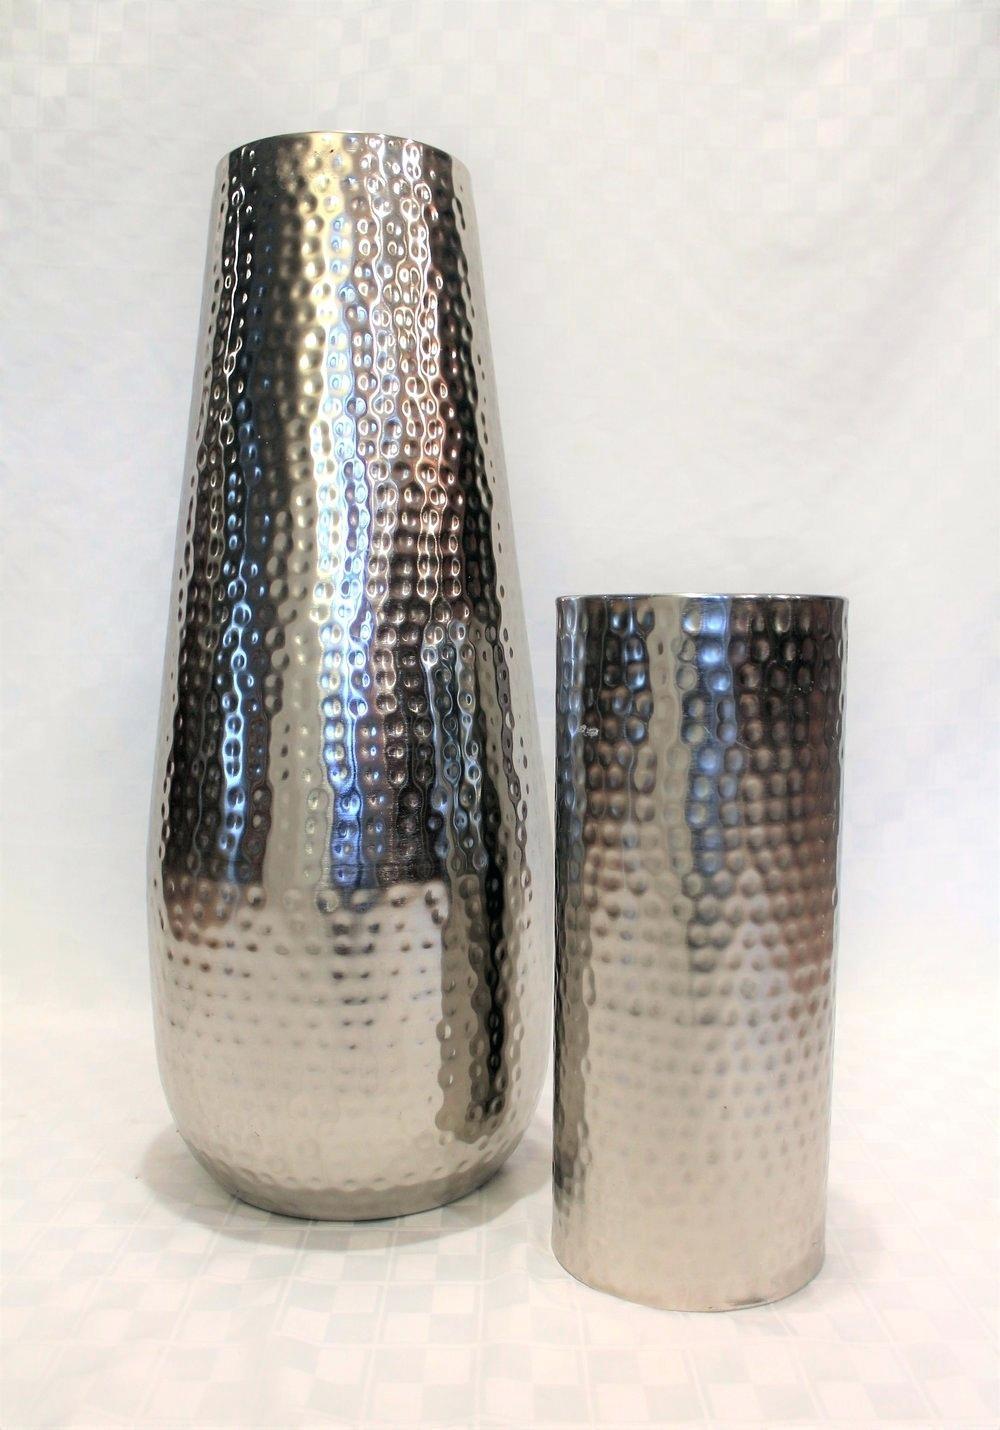 tall vases for sale cheap of silver vases wholesale pandoraocharms us for silver vases wholesale glass bulk tall flower fl org